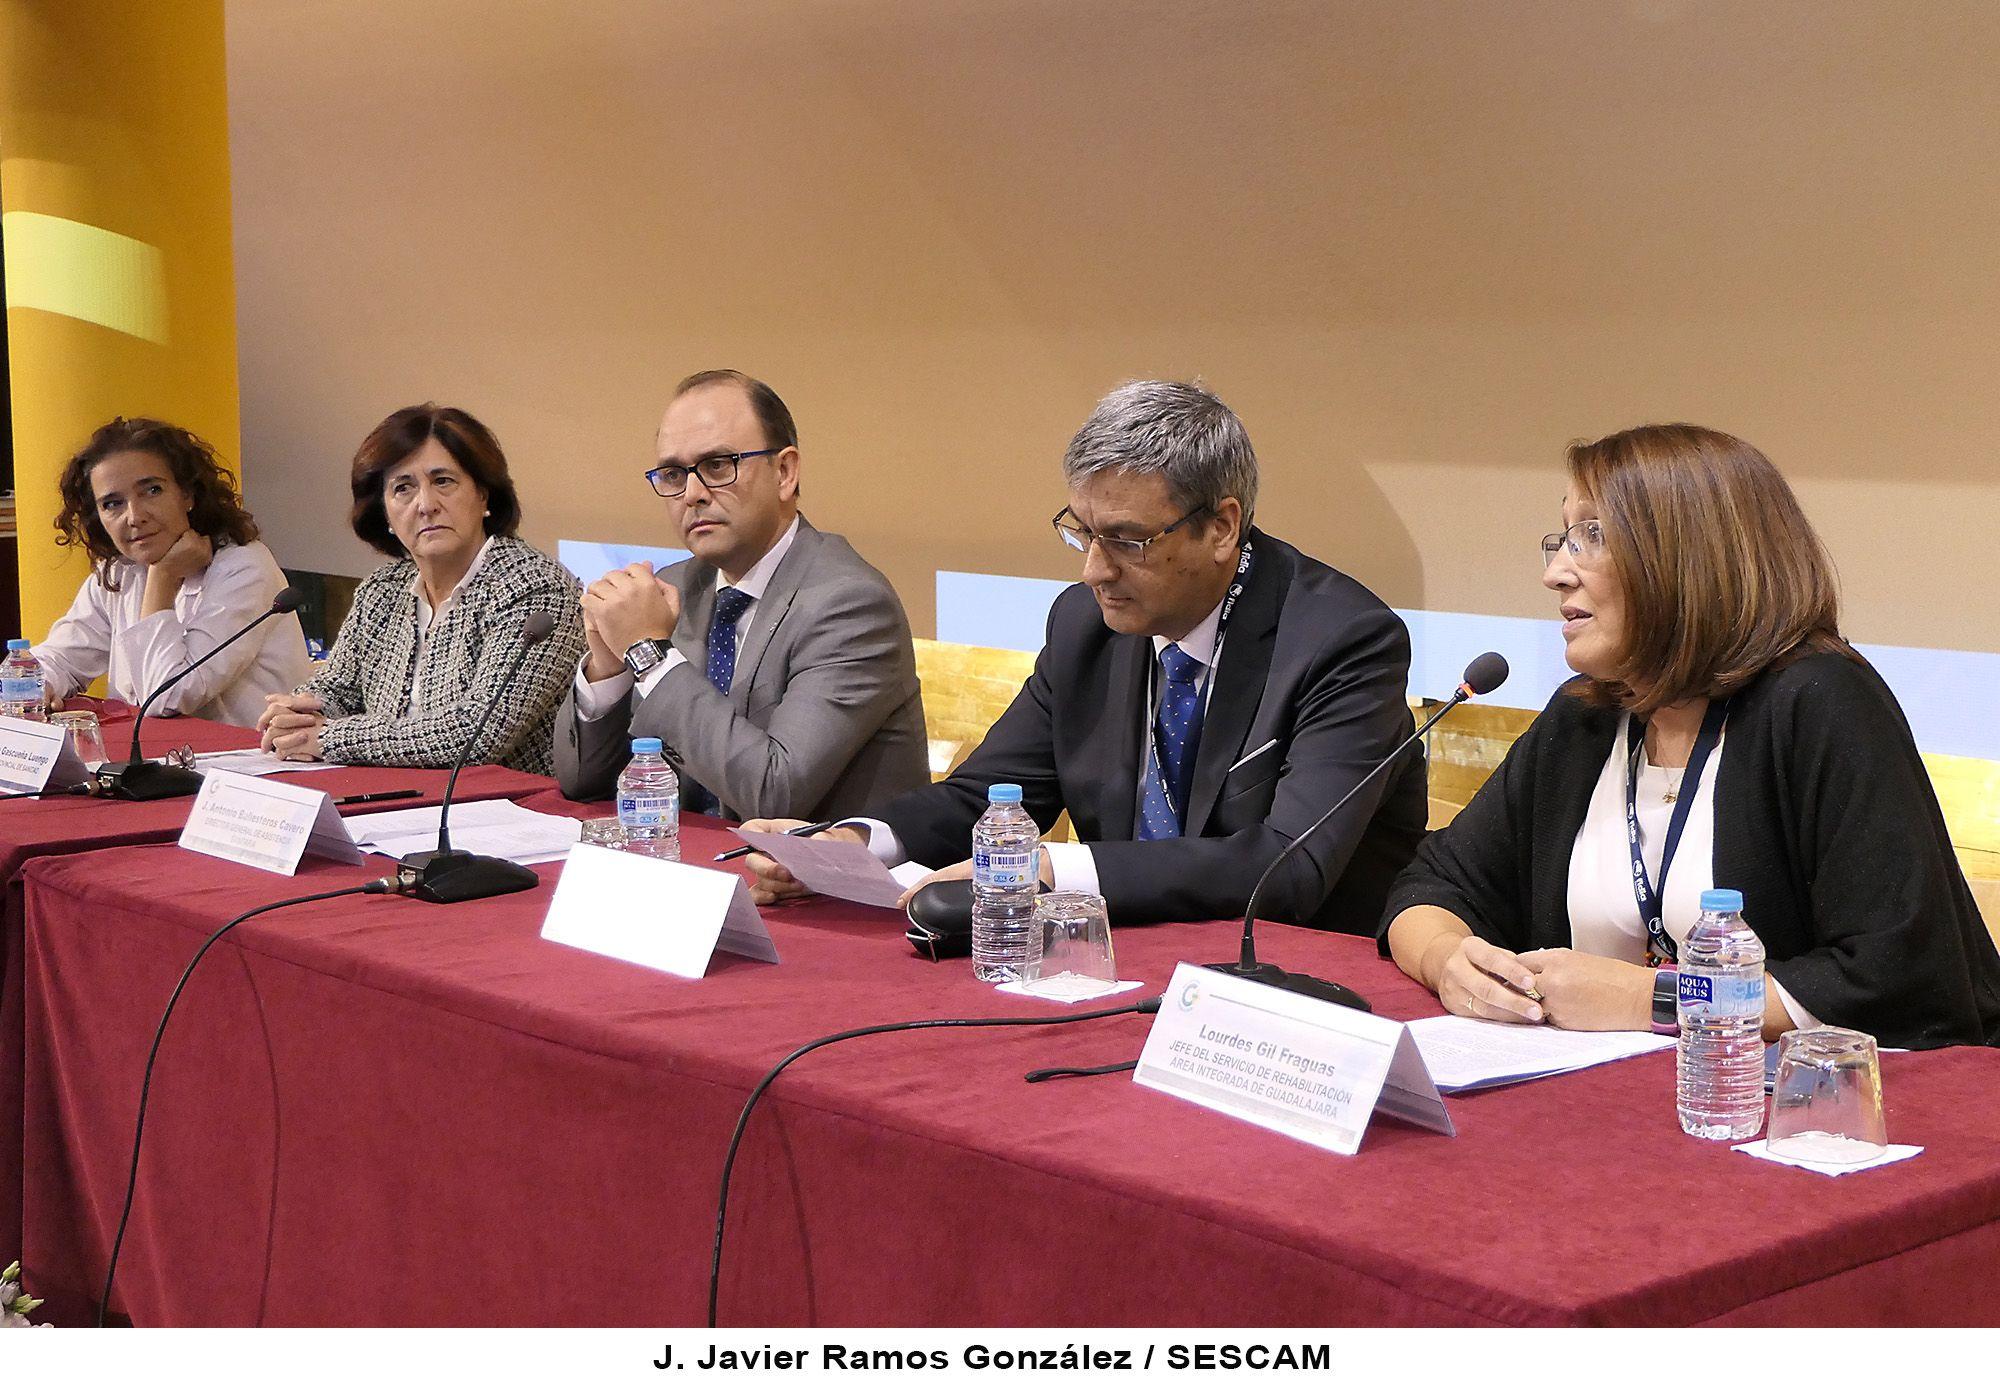 El Gobierno regional destaca la importancia de las iniciativas que contribuyen a lograr un envejecimiento saludable y reducir la fragilidad y la dependencia